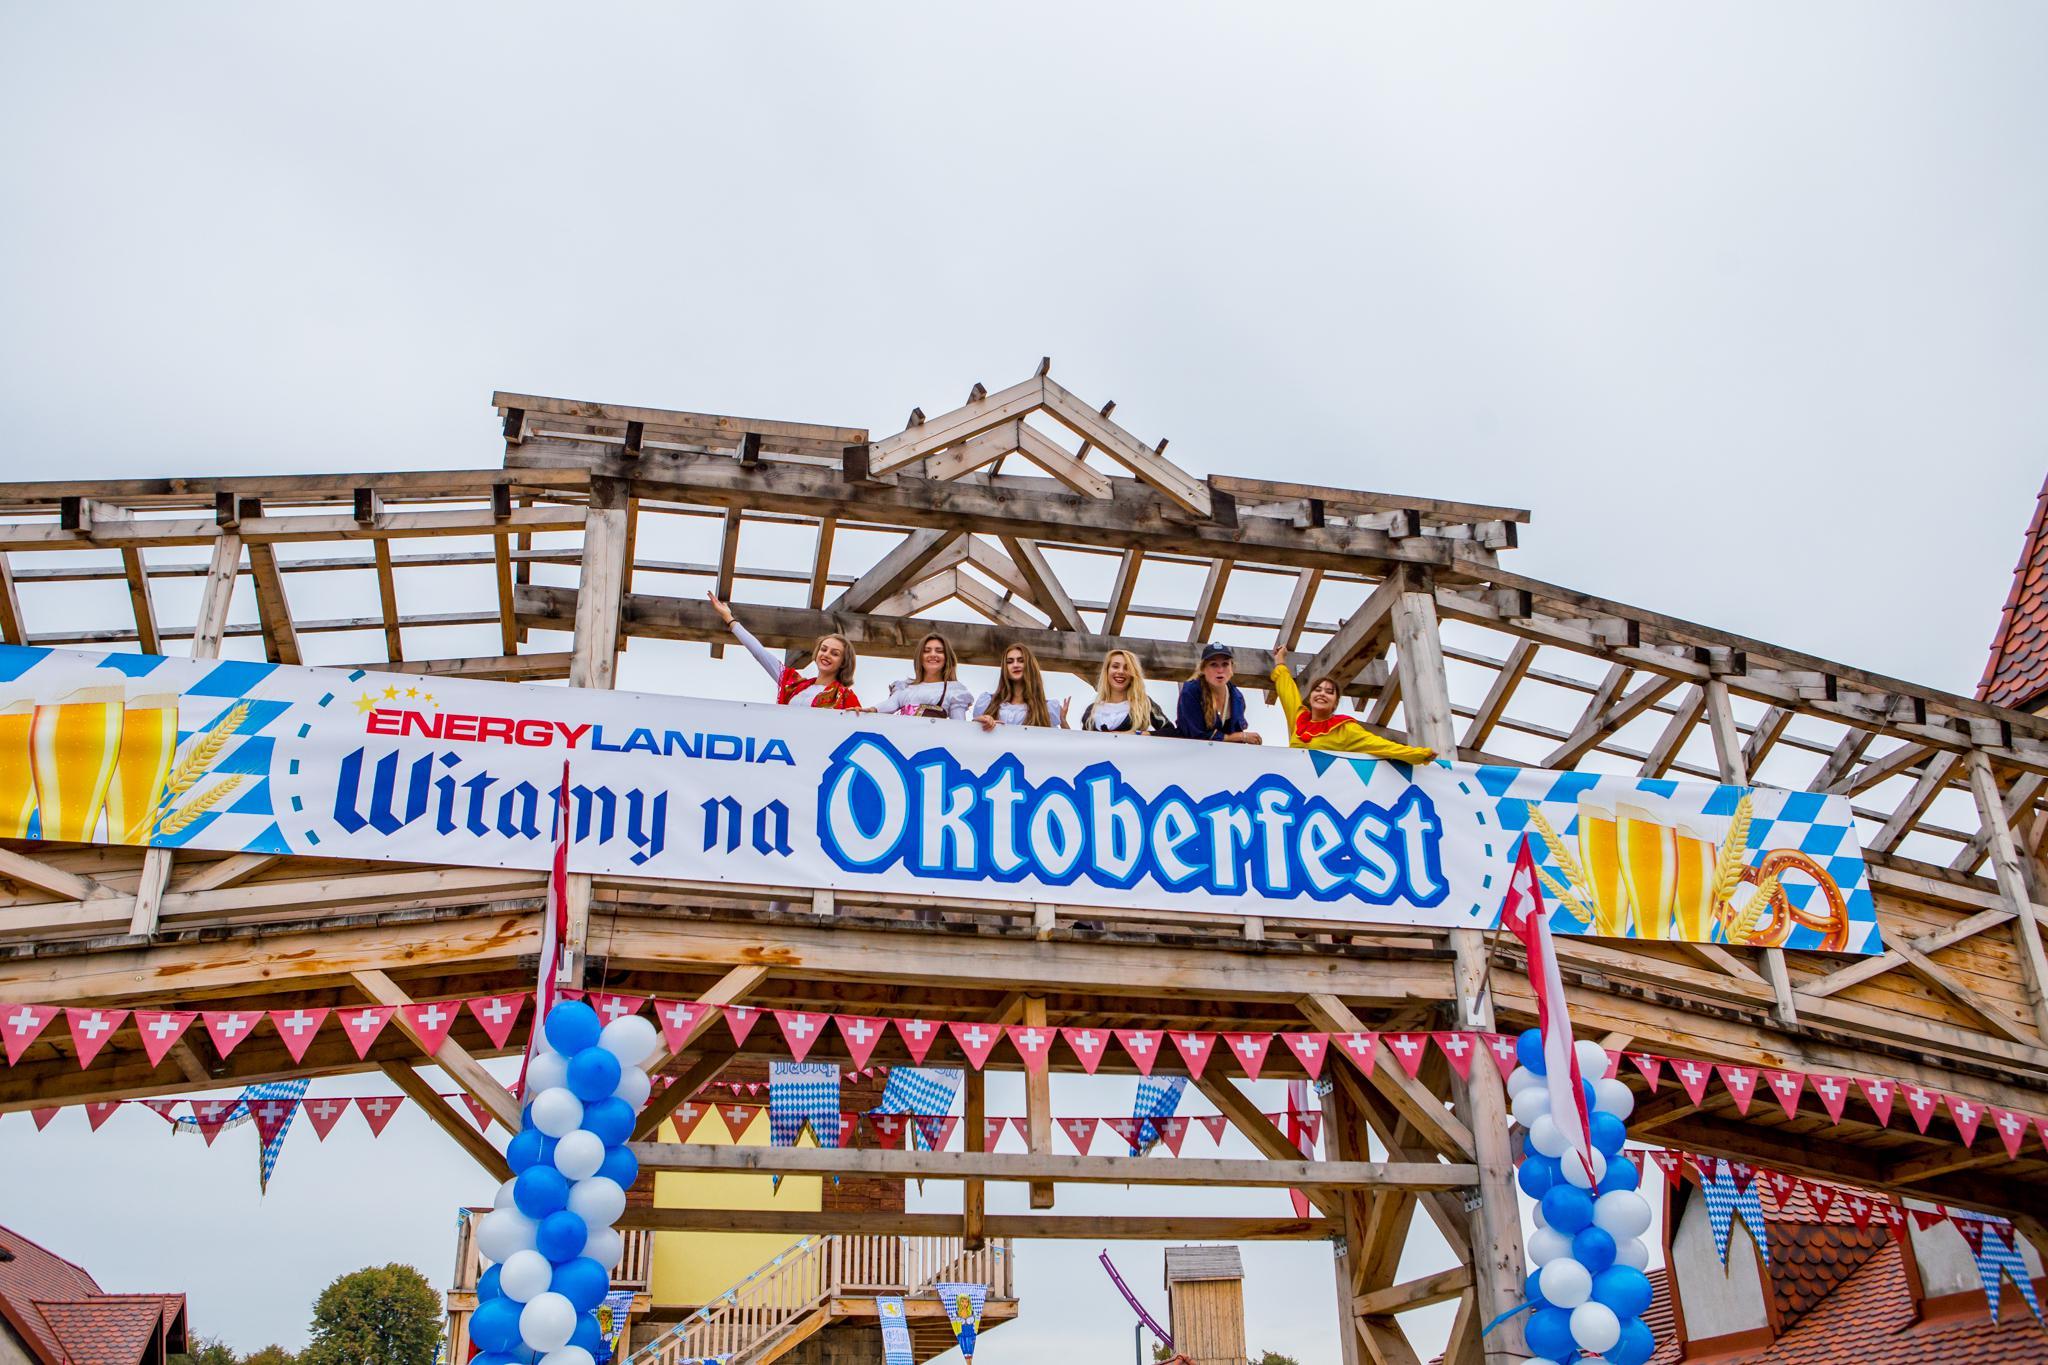 Święto Piwa Oktoberfest w Energylandii! Zobacz szczegóły